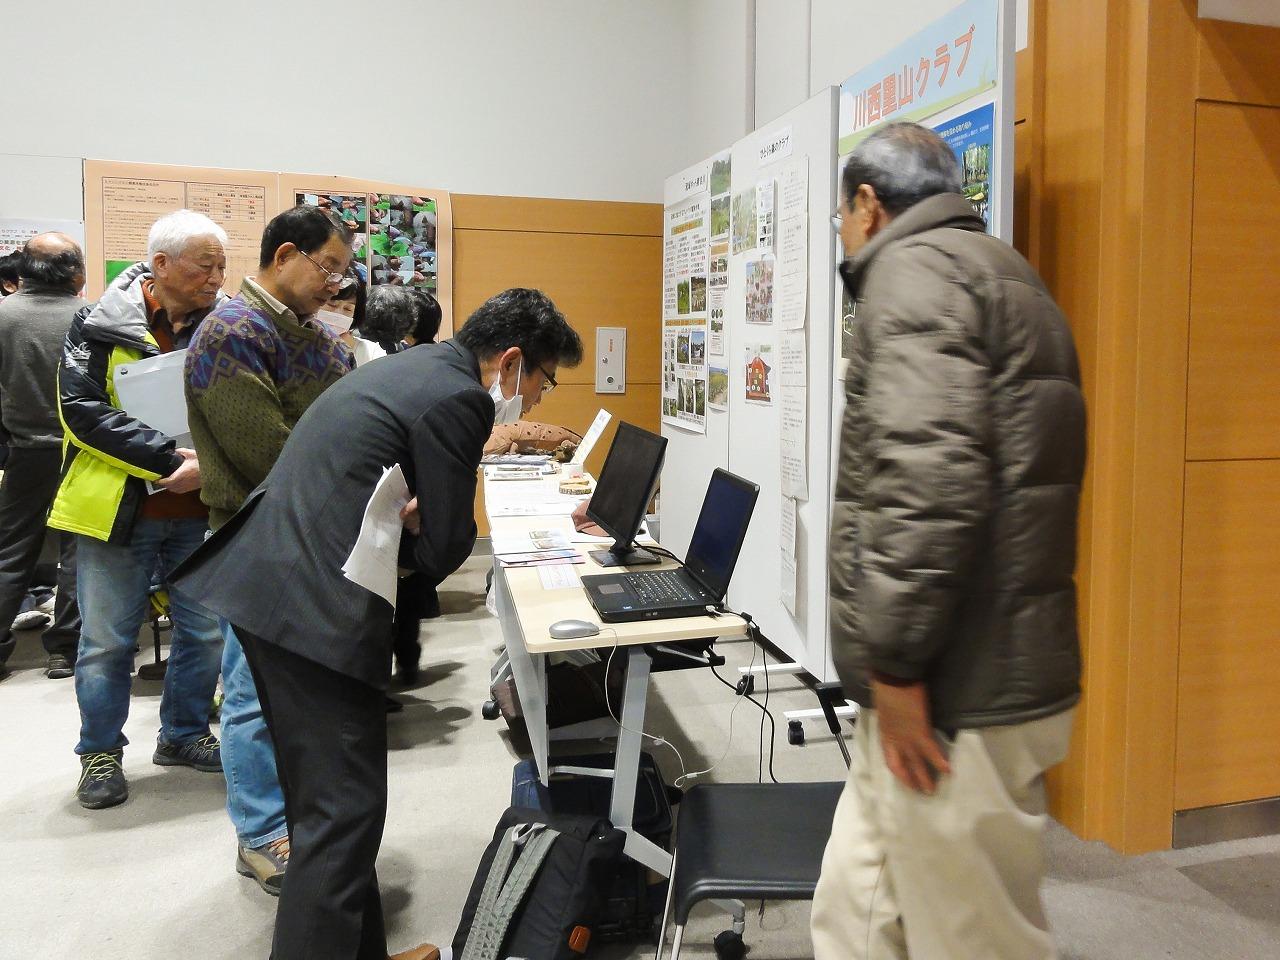 2020年2月9日 臨時(川西市主催「生物多様性ふるさと川西戦略シンポジウム」パネル展示に参加_d0024426_17521695.jpg